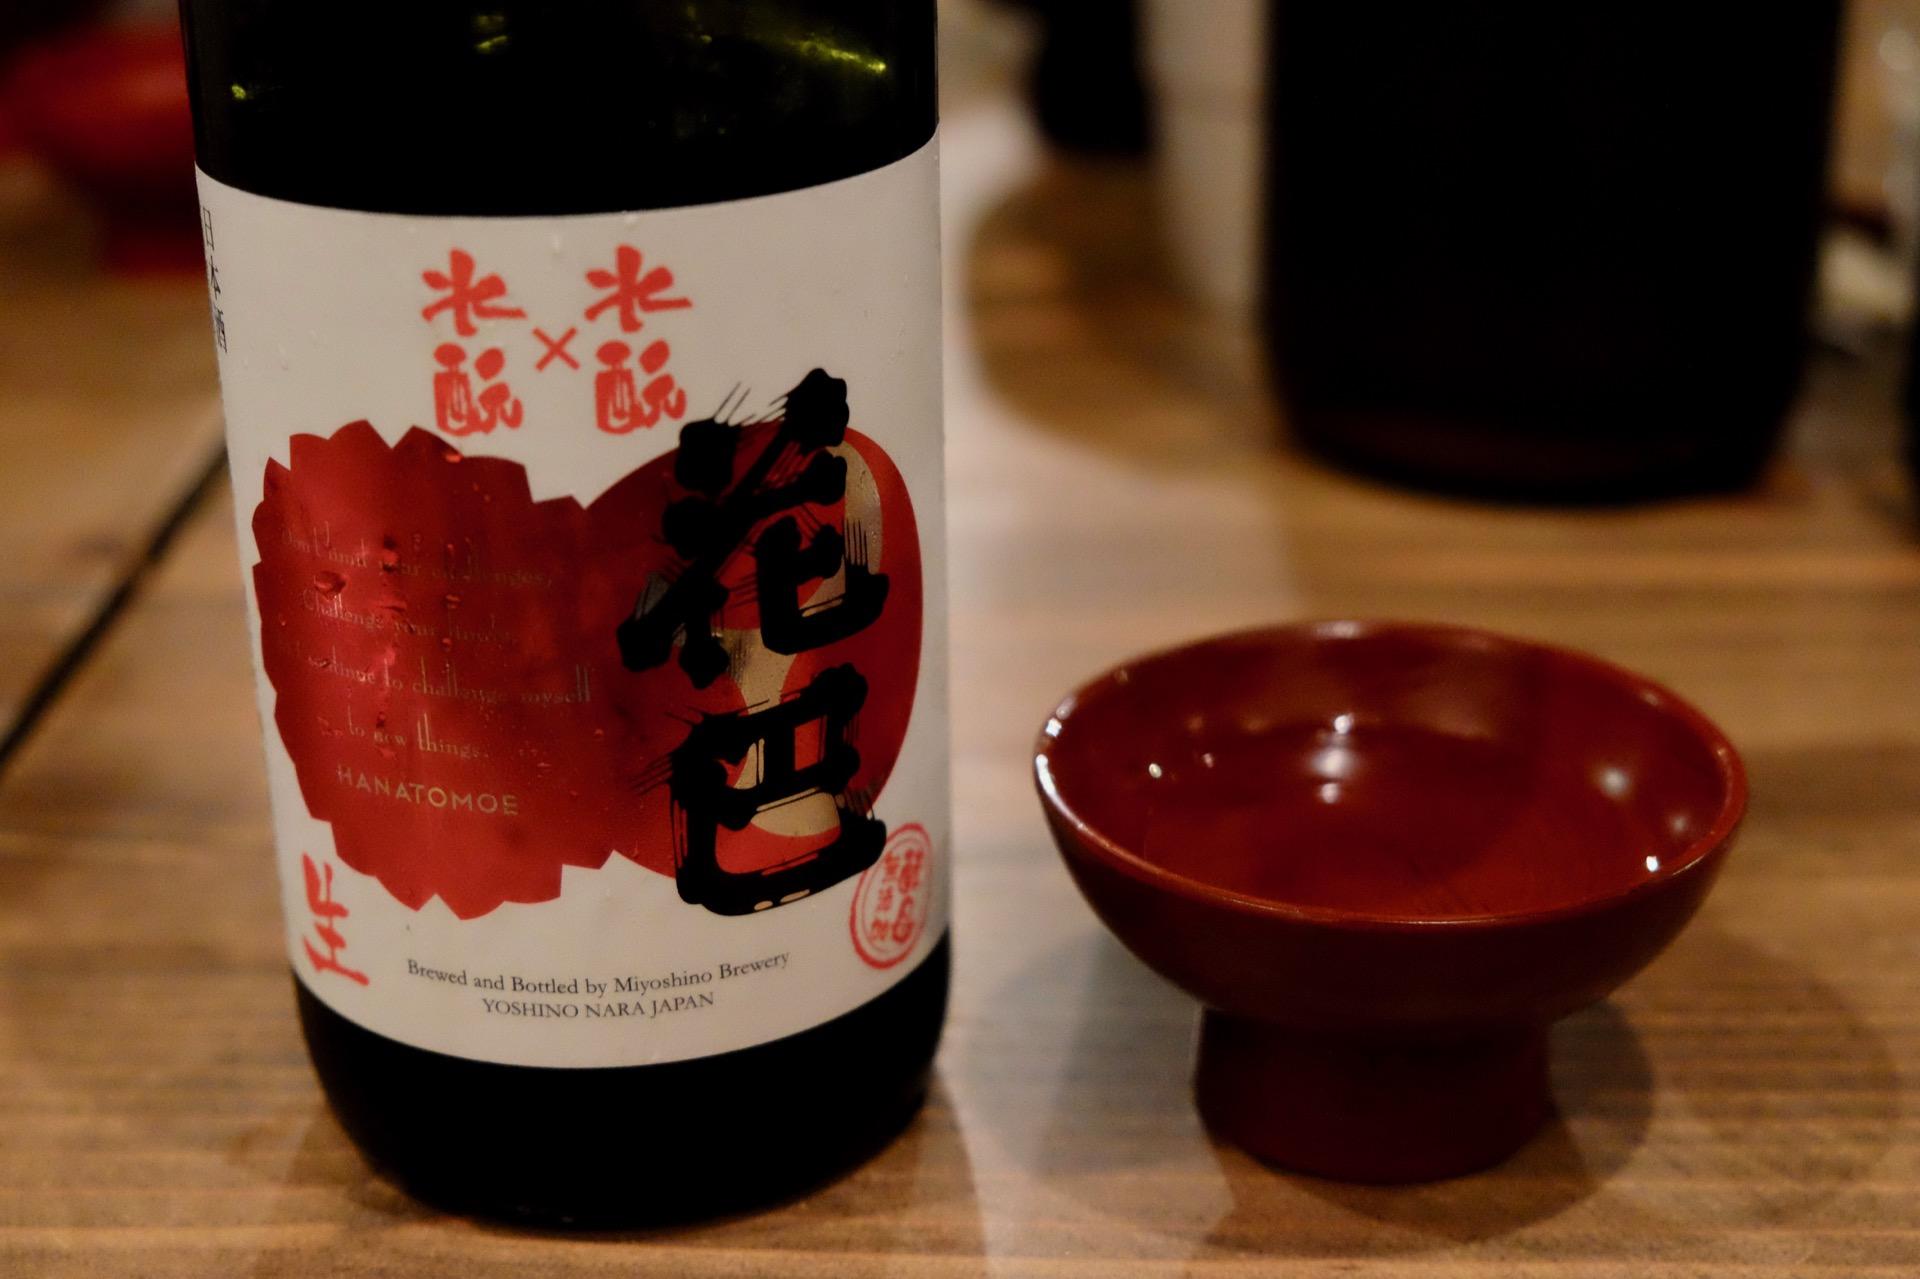 花巴 水酛✕水酛 無濾過生原酒|日本酒テイスティングノート